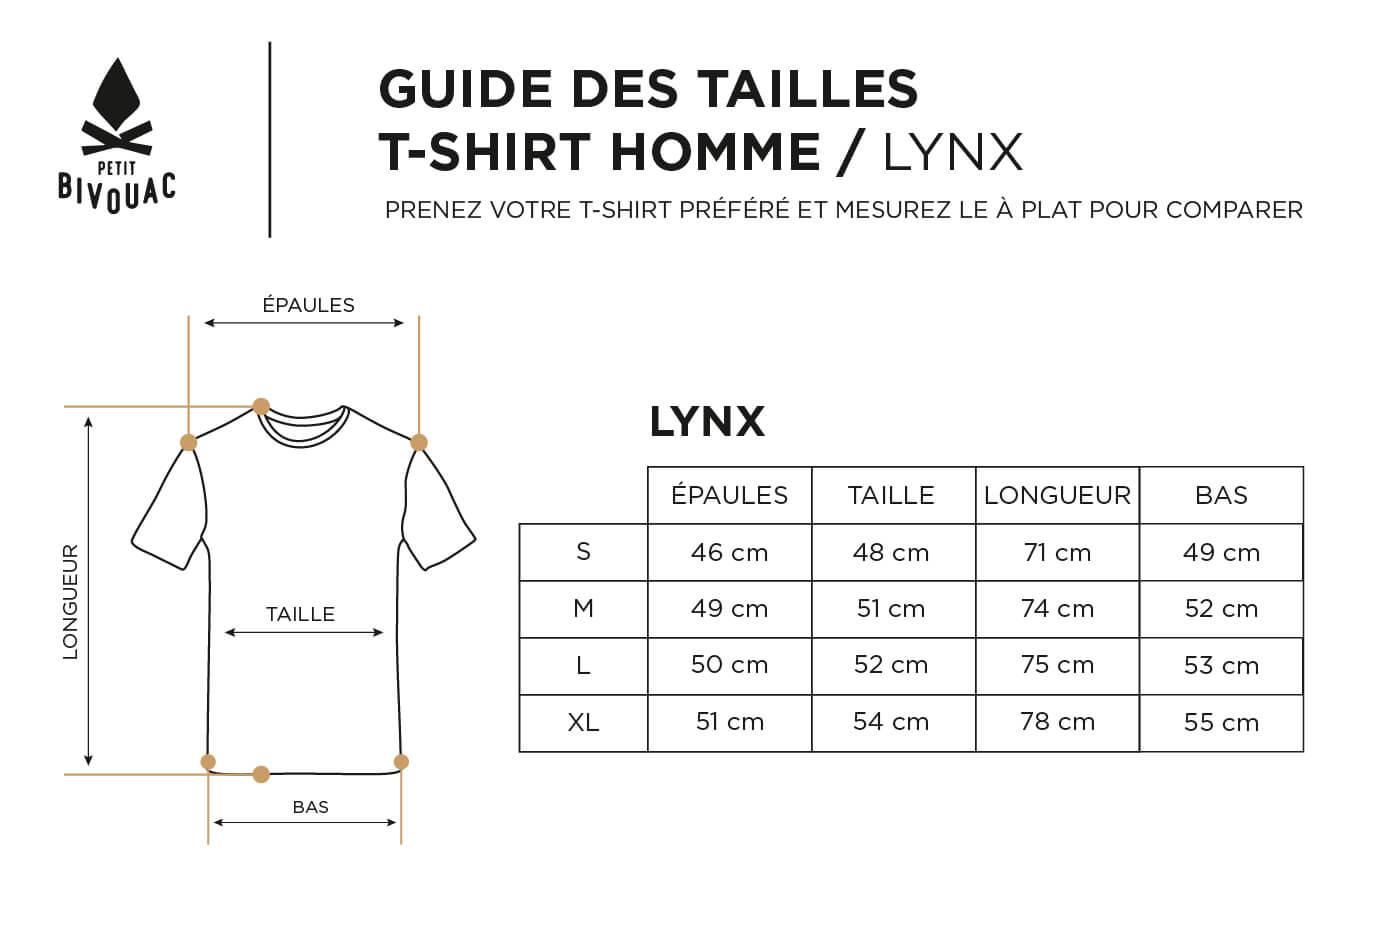 Guide des tailles-homme-lynx_Petit Bivouac